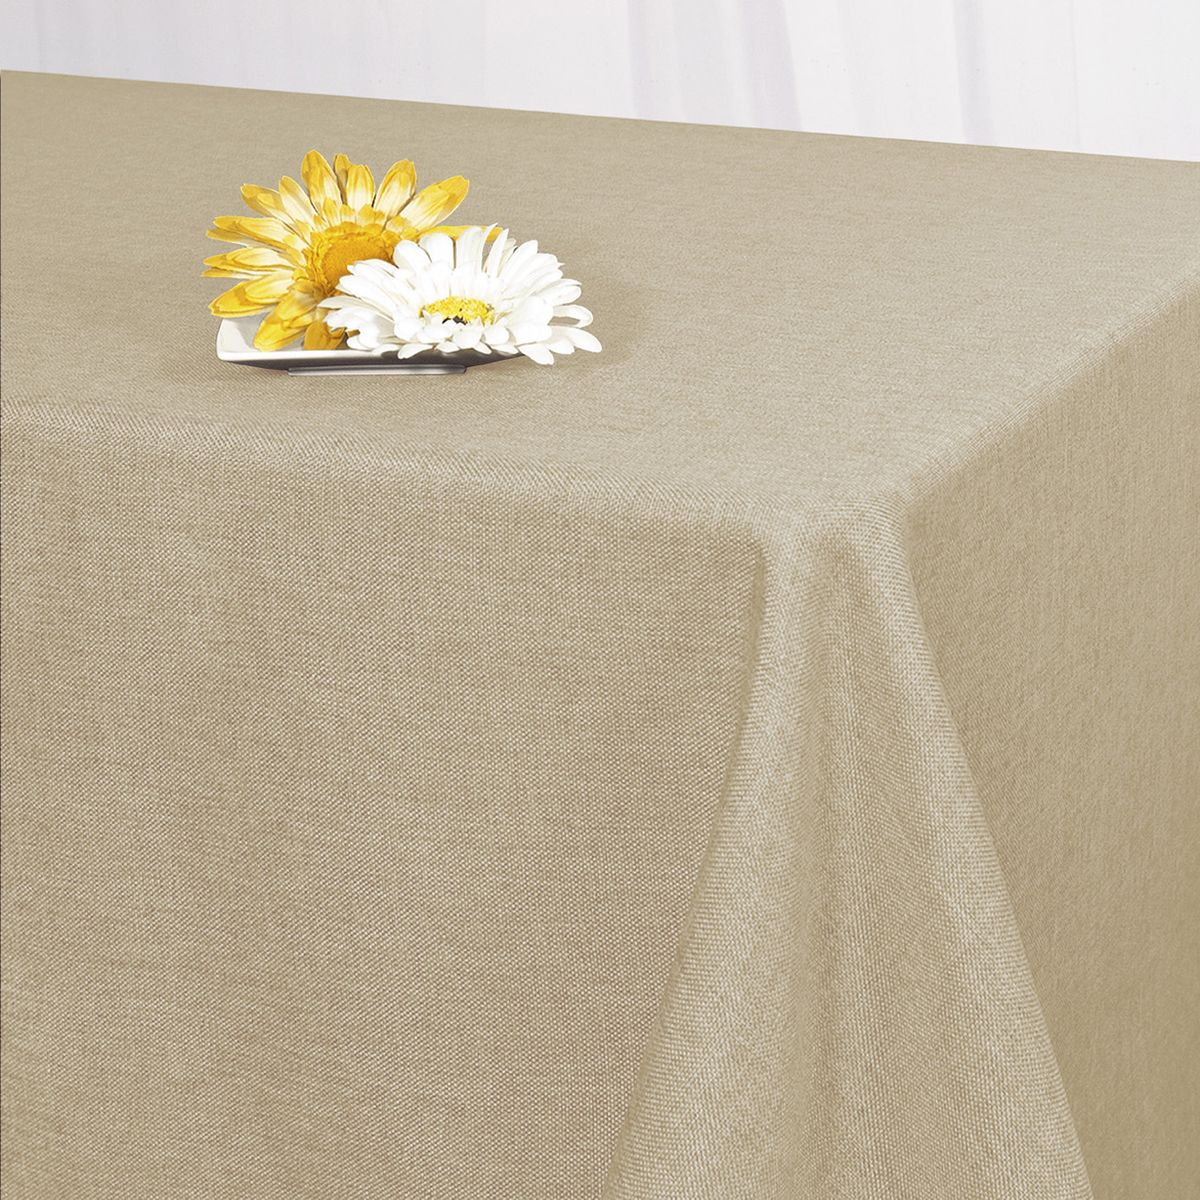 Скатерть Schaefer, прямоугольная, цвет: бежевый, 130 x 160 см. 07501-42707501-427Стильная скатерть Schaefer выполнена из полиэстера.Изделия из полиэстера легко стирать: они не мнутся, не садятся и быстро сохнут, они более долговечны, чем изделия из натуральных волокон.Немецкая компания Schaefer создана в 1921 году. На протяжении всего времени существования она создает уникальные коллекции домашнего текстиля для гостиных, спален, кухонь и ванных комнат. Дизайнерские идеи немецких художников компании Schaefer воплощаются в текстильных изделиях, которые сделают ваш дом красивее и уютнее и не останутся незамеченными вашими гостями. Дарите себе и близким красоту каждый день!